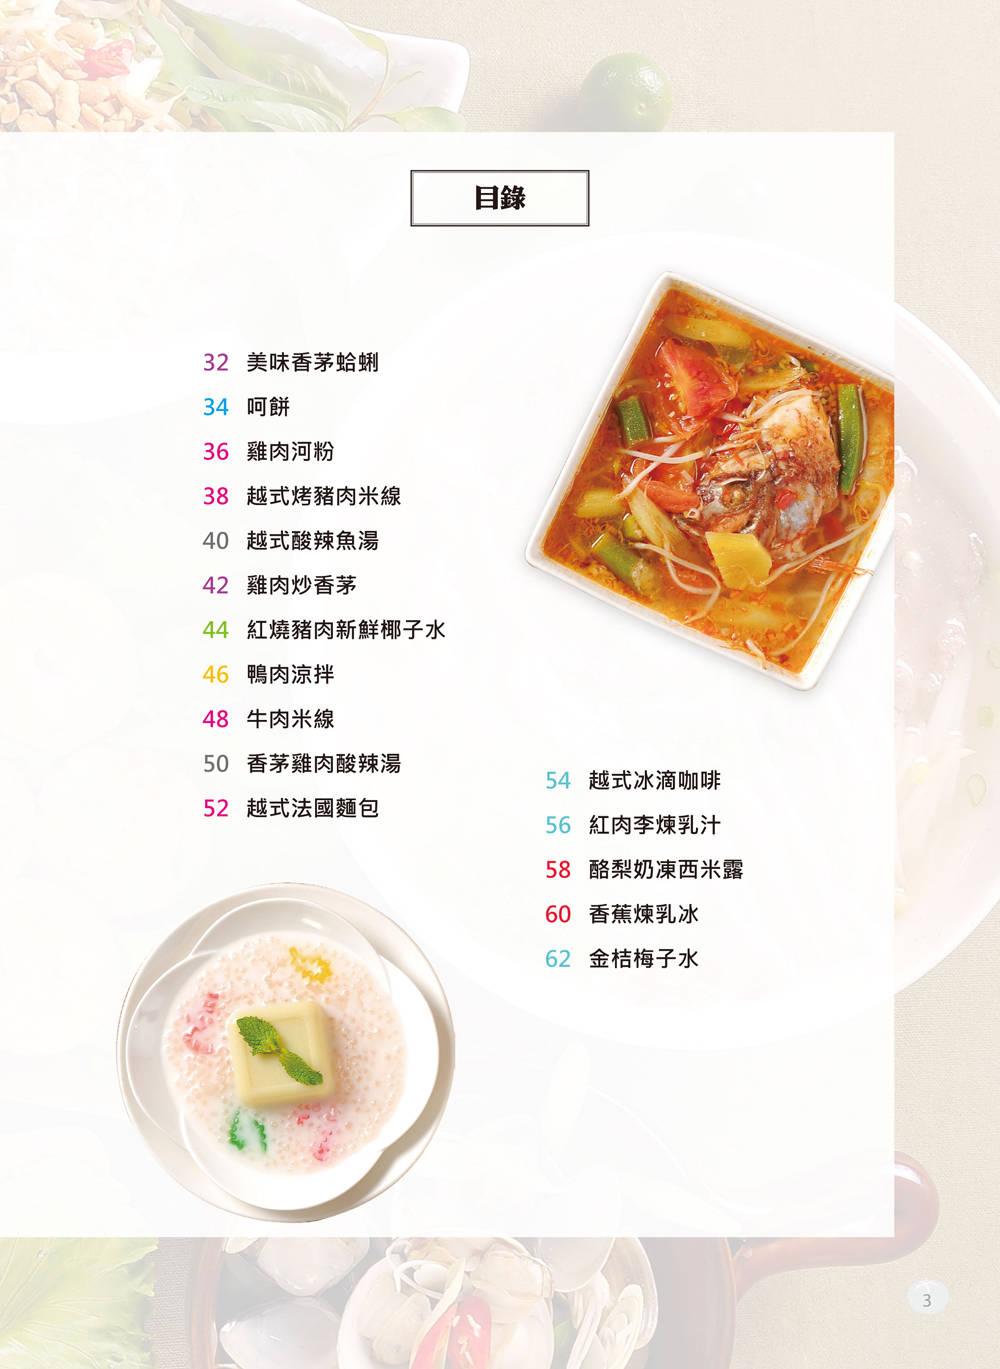 ◤博客來BOOKS◢ 暢銷書榜《推薦》越南老師的道地越料理:香茅╳紫蘇葉╳南薑╳魚露╳椰漿╳煉乳,越清爽越好吃,一試就上癮